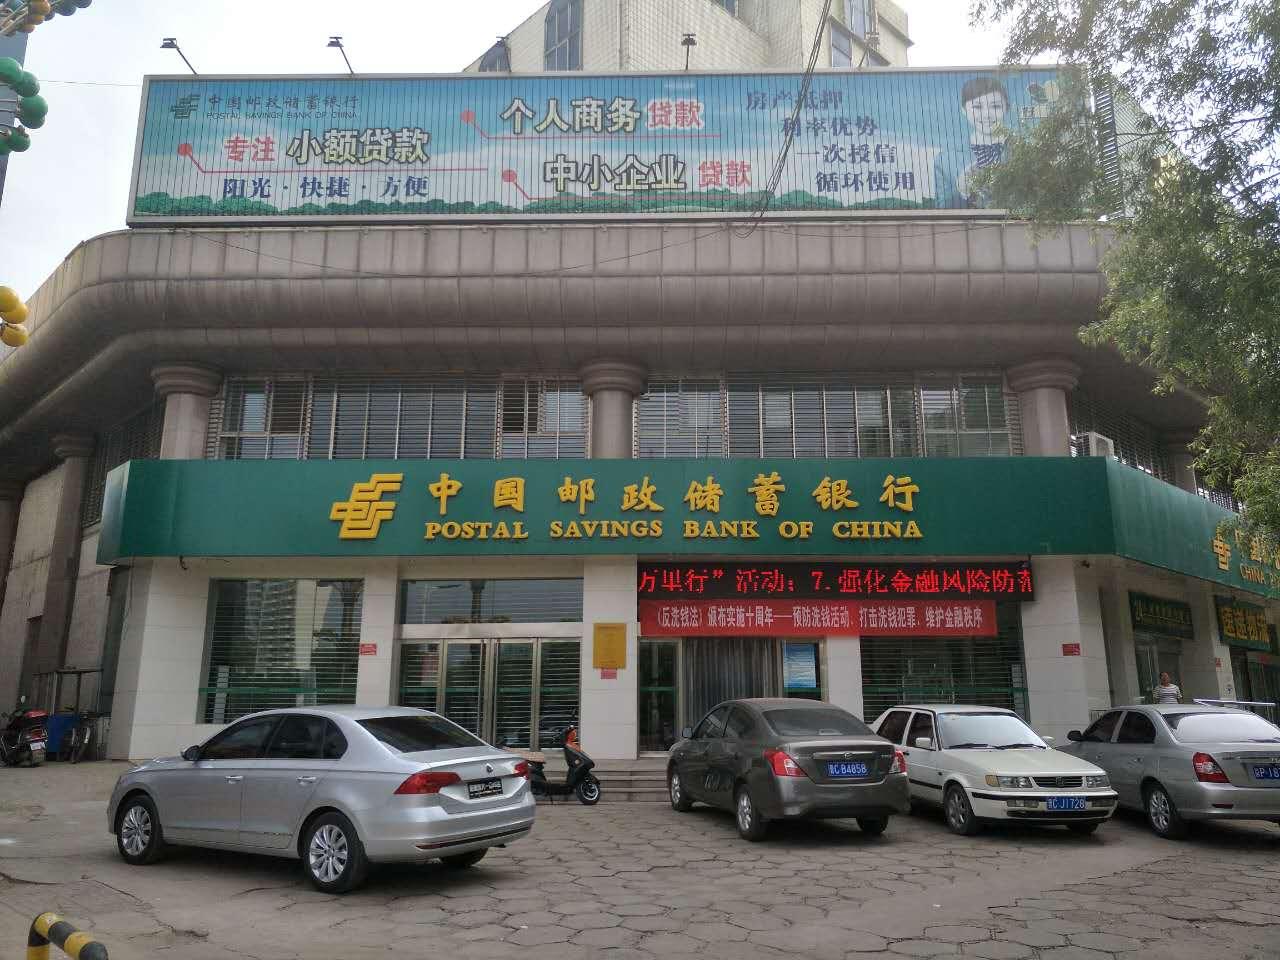 银行贷款利息是多少_中国邮政储蓄银行贷款利息是多少-